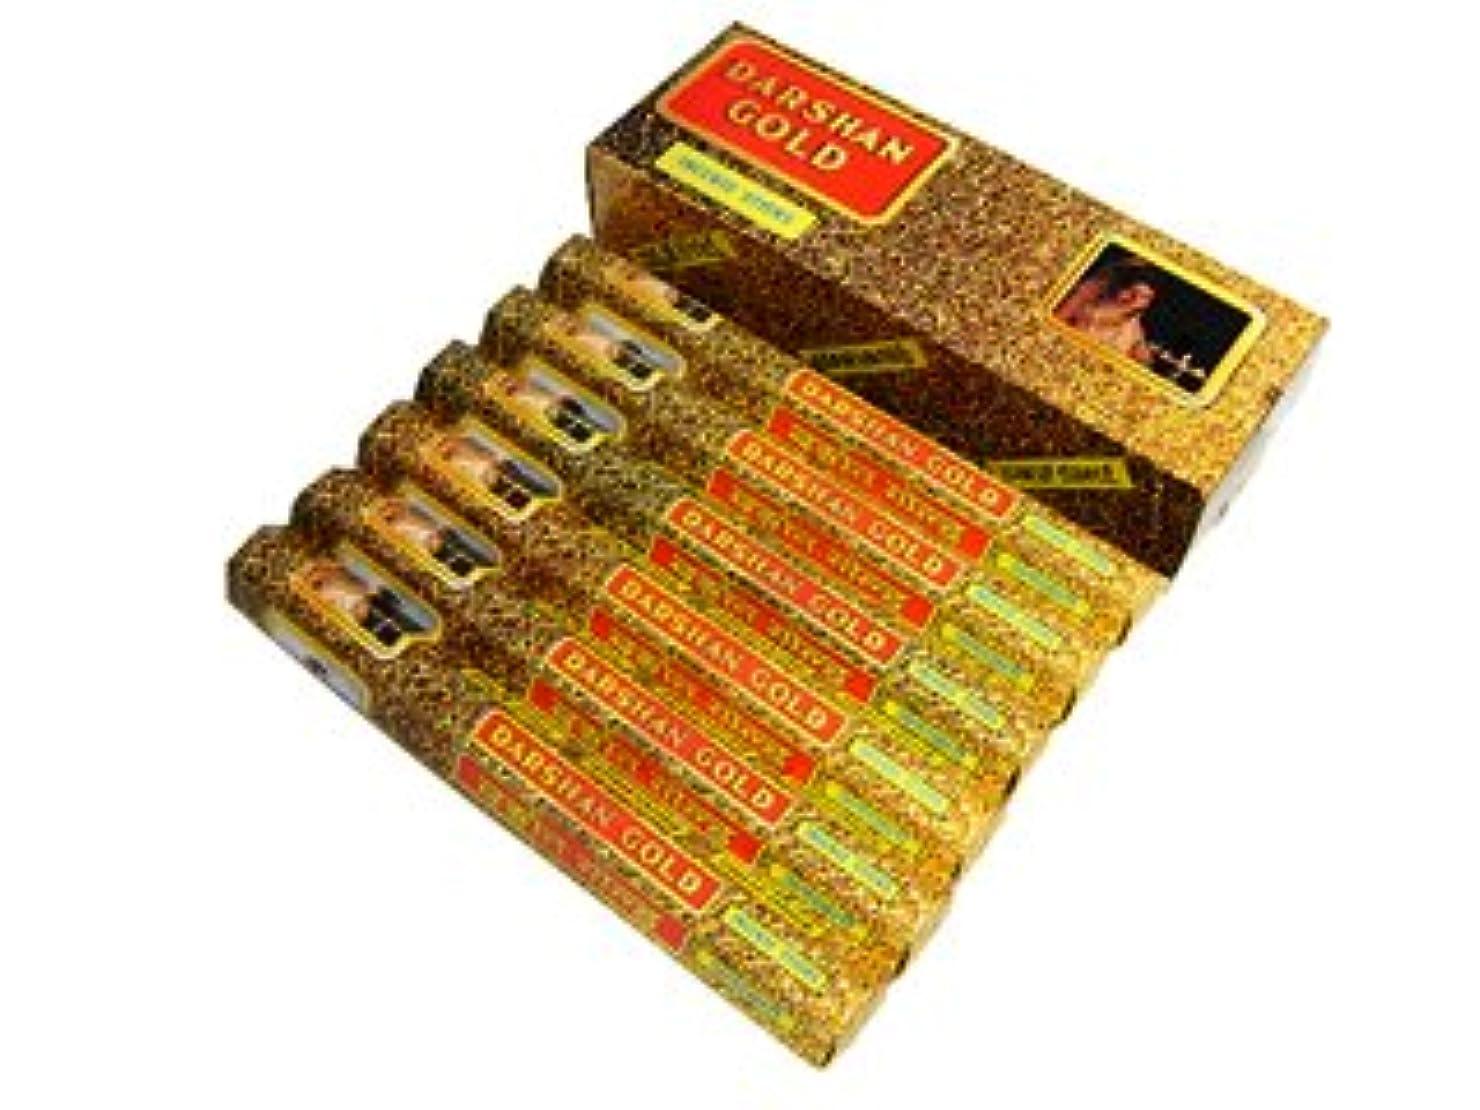 少しダイヤル鈍いDARSHAN(ダルシャン) ゴールド香 スティック DARSHAN(ダルシャン) 6箱セット